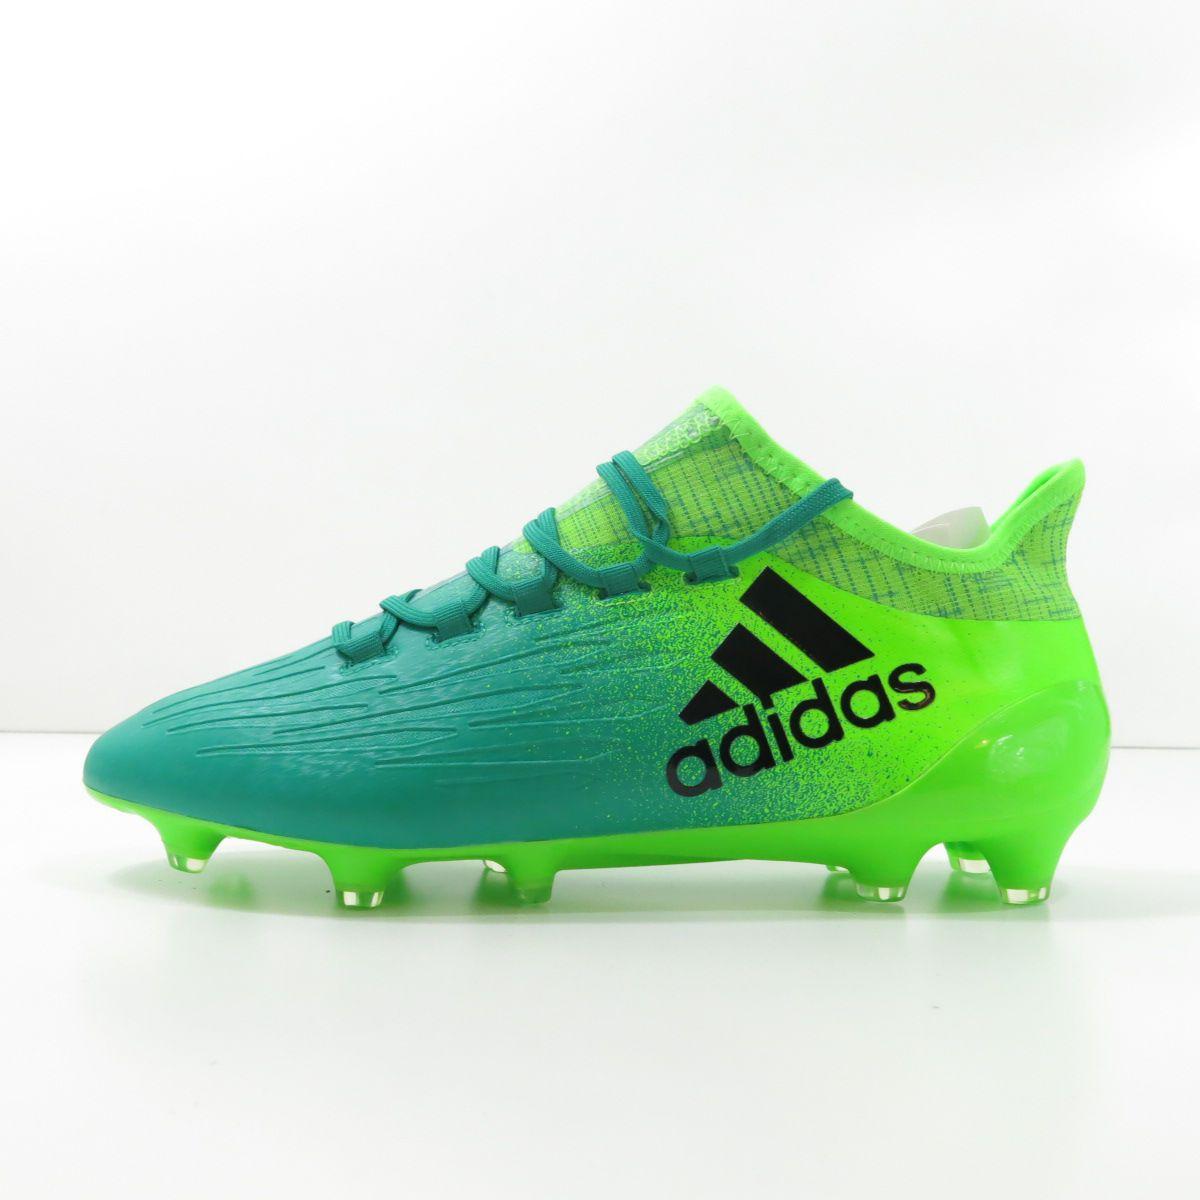 Chuteira Adidas X 17.1 FG Elite